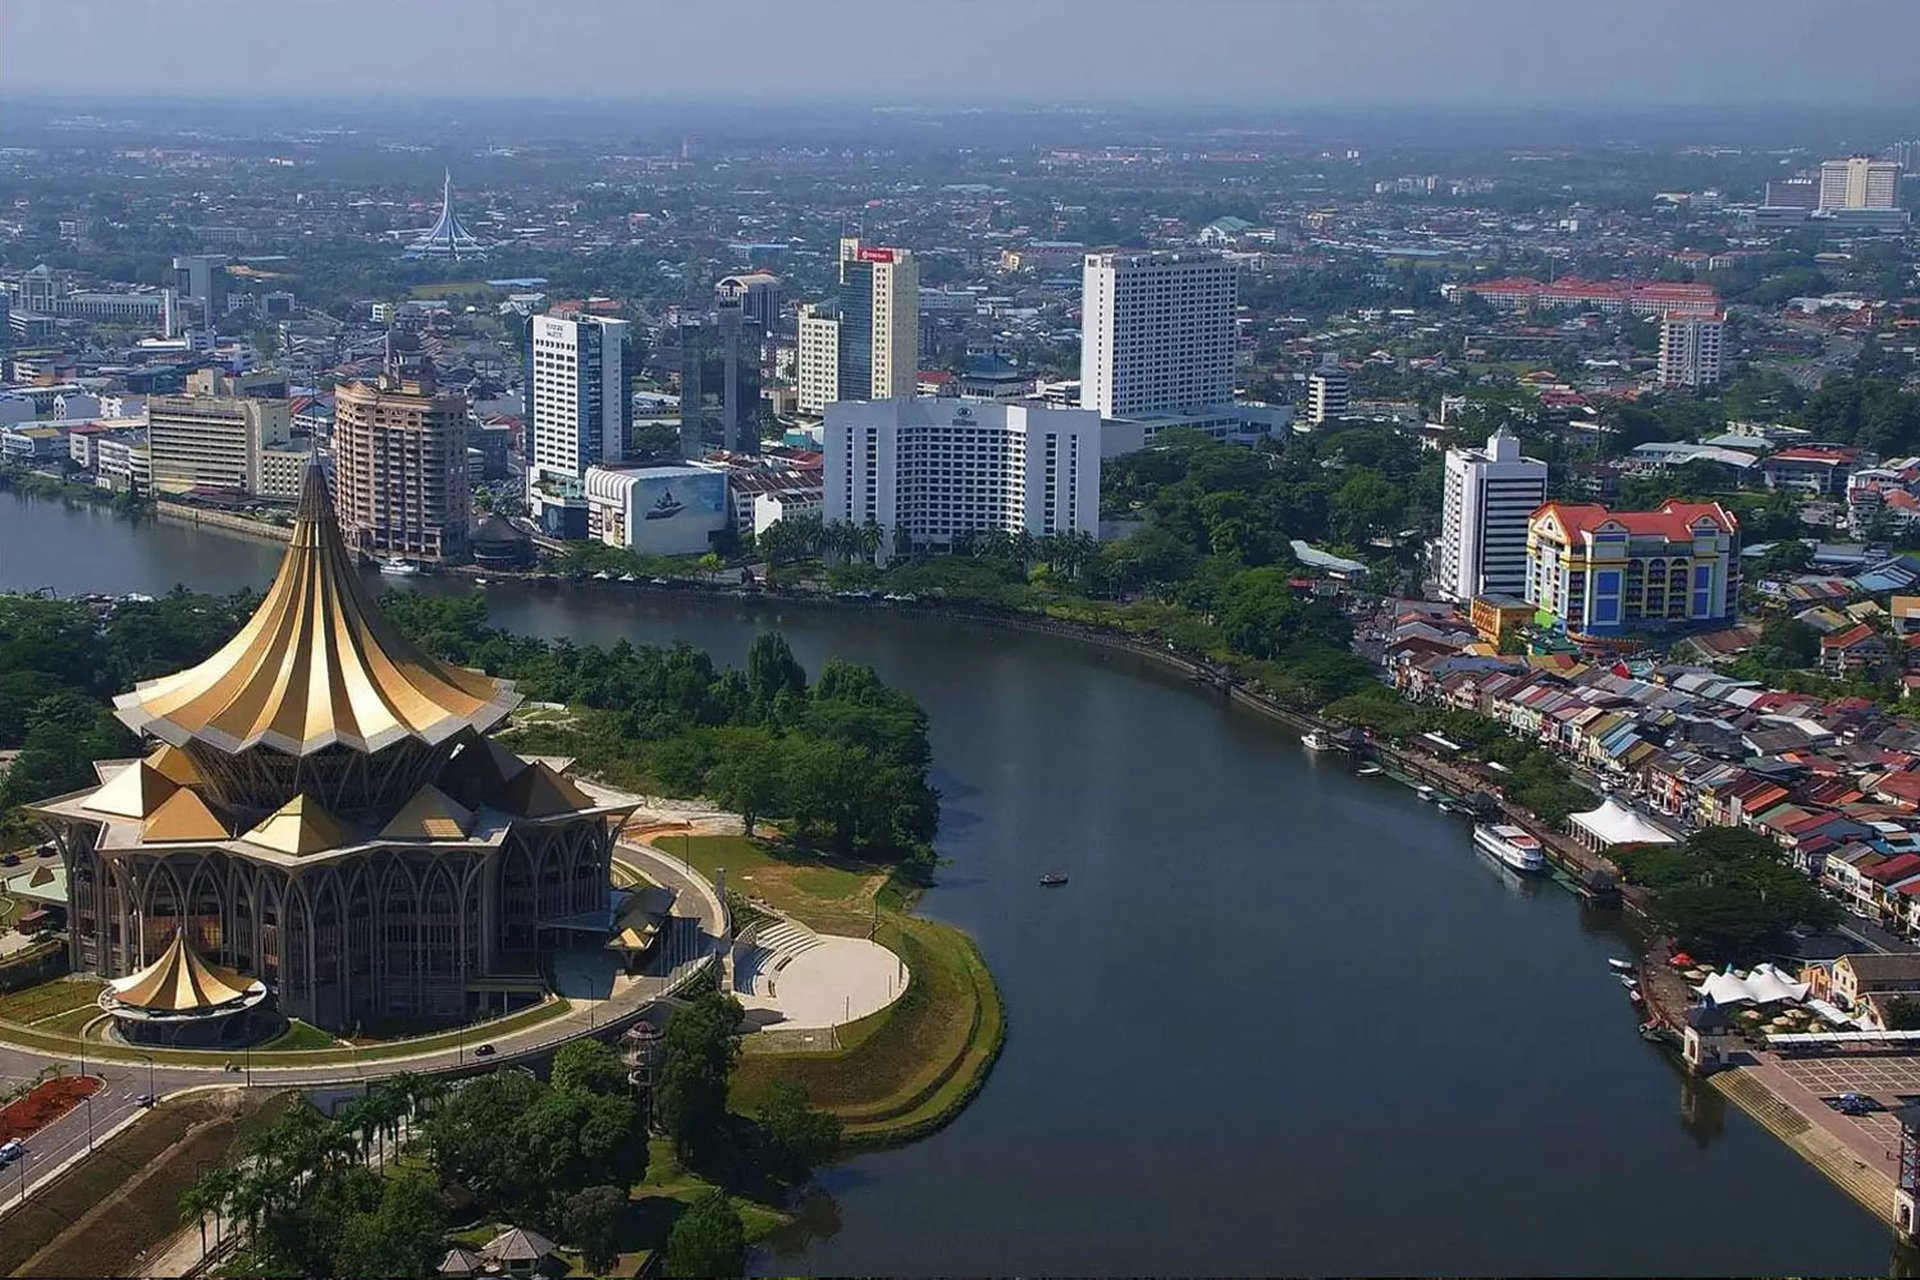 Ngày thứ 12: Đắm mình cảnh sắc thiên nhiên tươi đẹp và những nền văn hoá đặc sắc tại Kuching